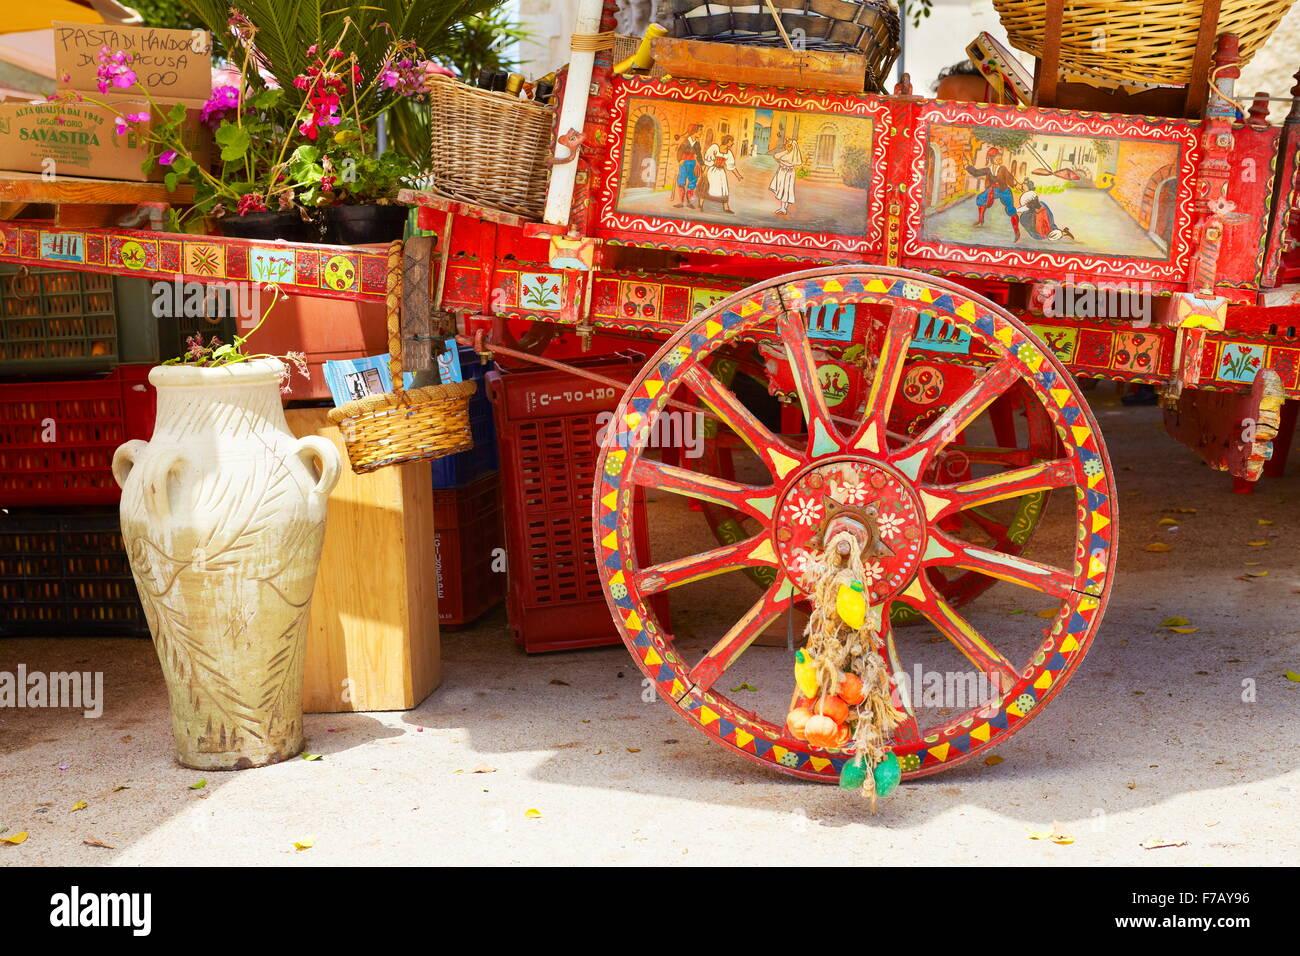 Bunt dekorierte Wagen, traditionelle sizilianische ländliche Pferdekutsche, Straßendekoration, Insel Sizilien, Stockbild